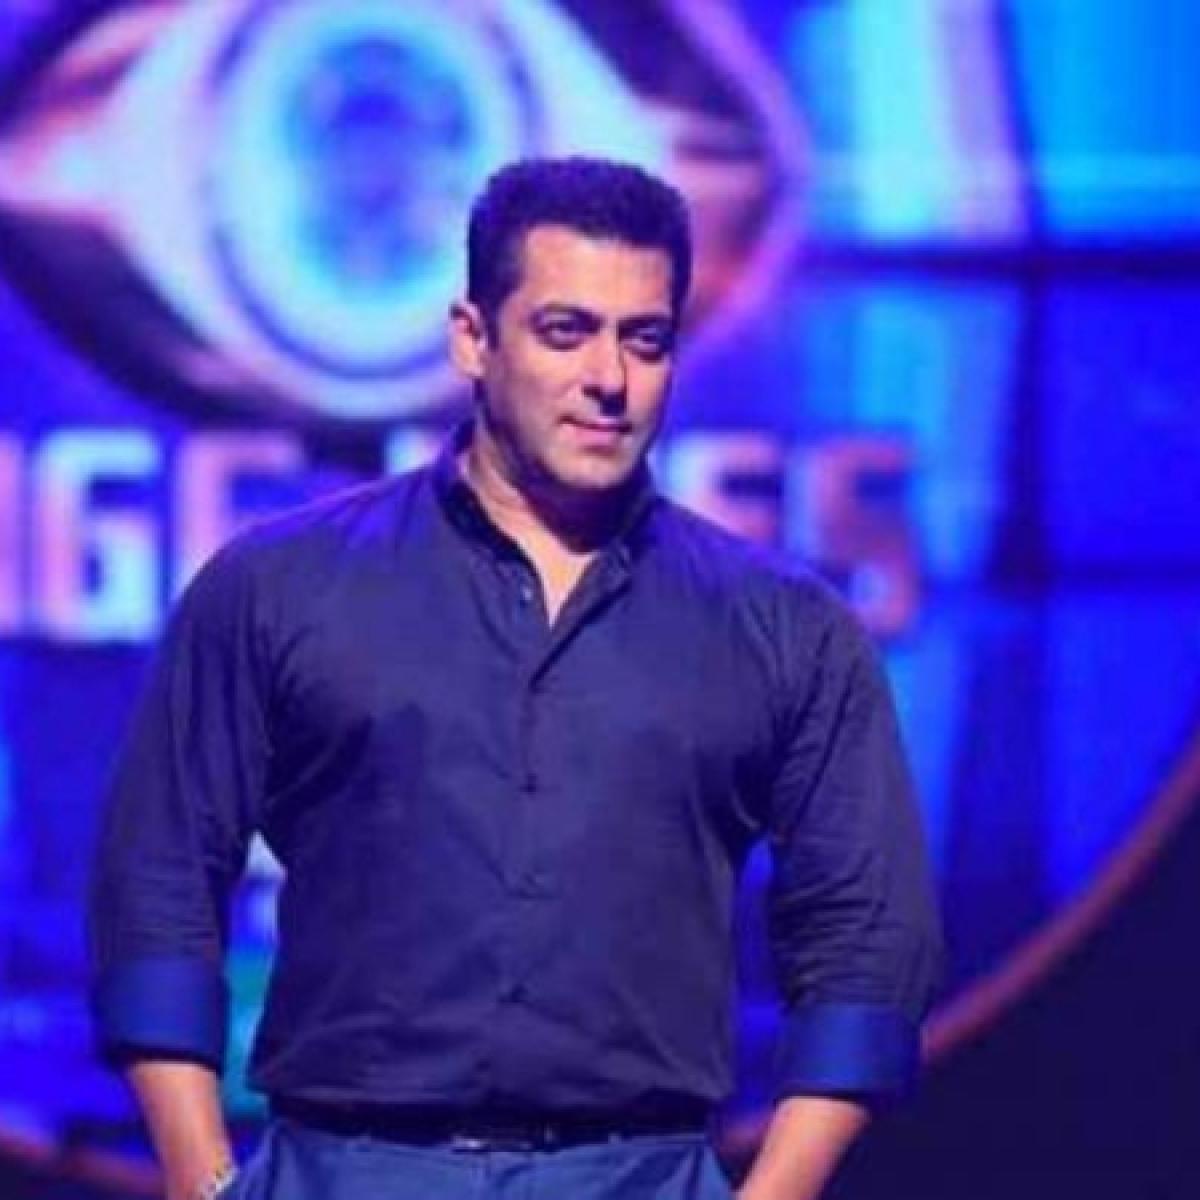 Bigg Boss 13: 20 arrested for protesting outside Salman Khan's residence